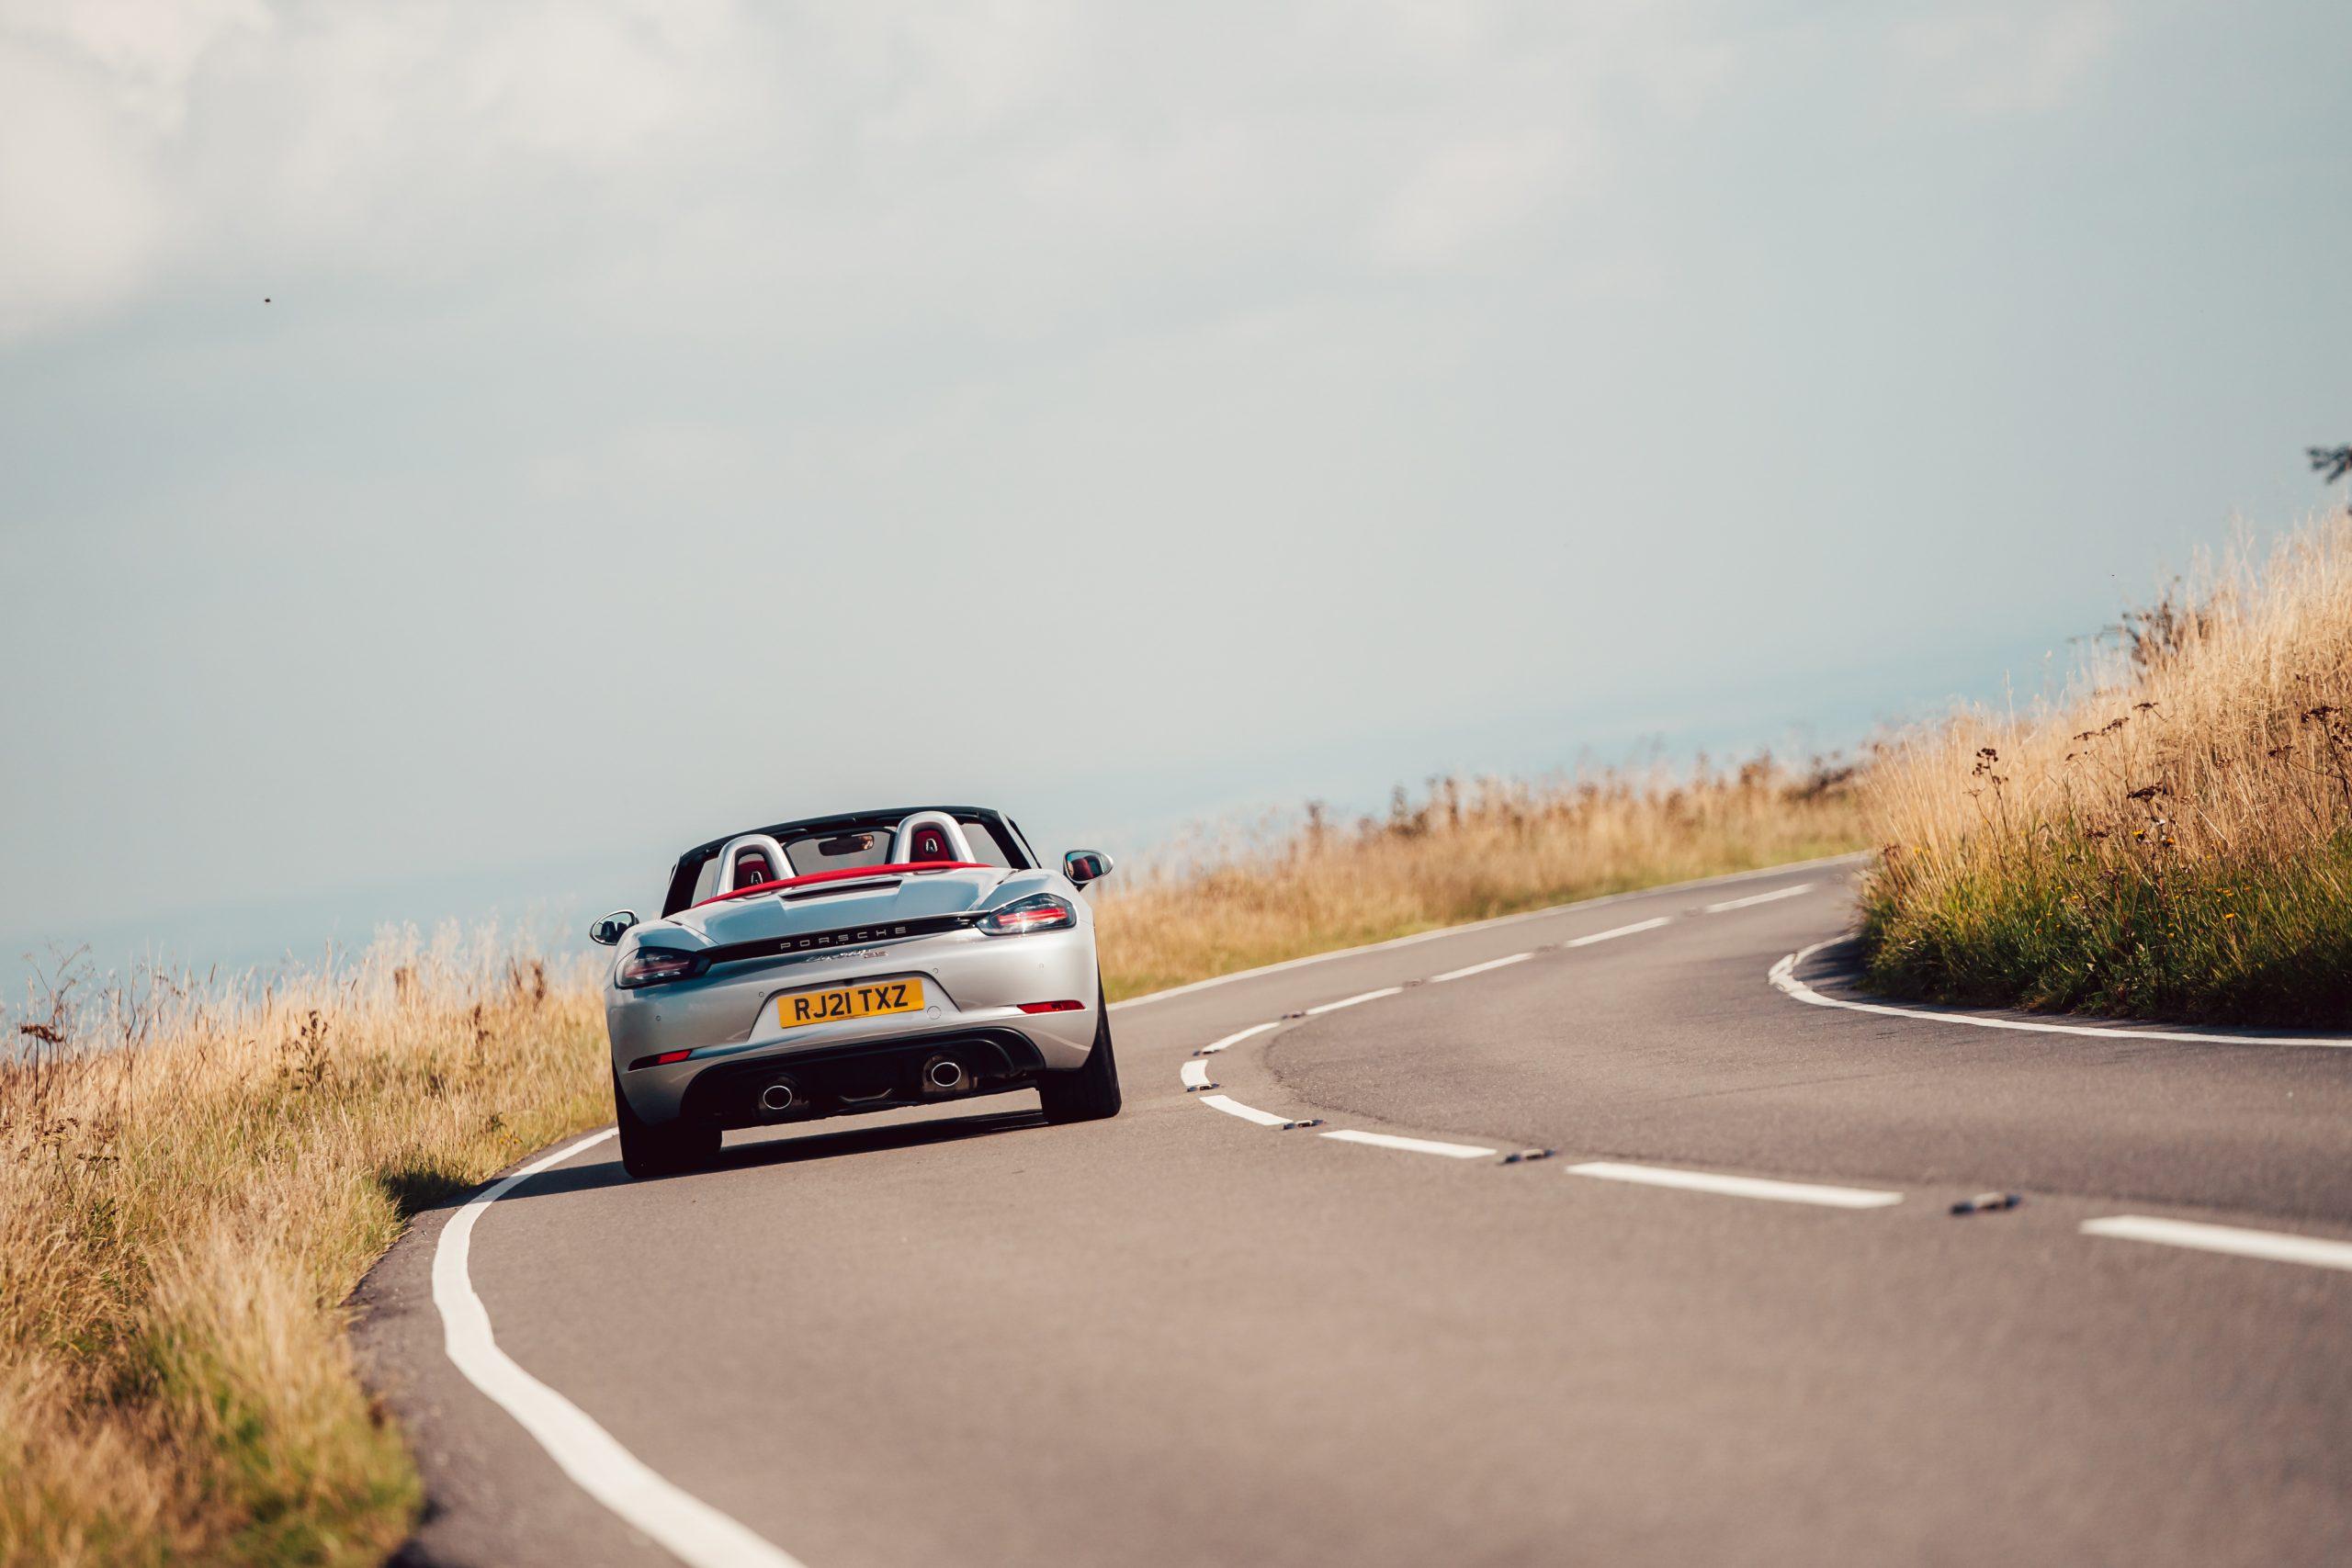 2021 Porsche Boxster 25 rear view